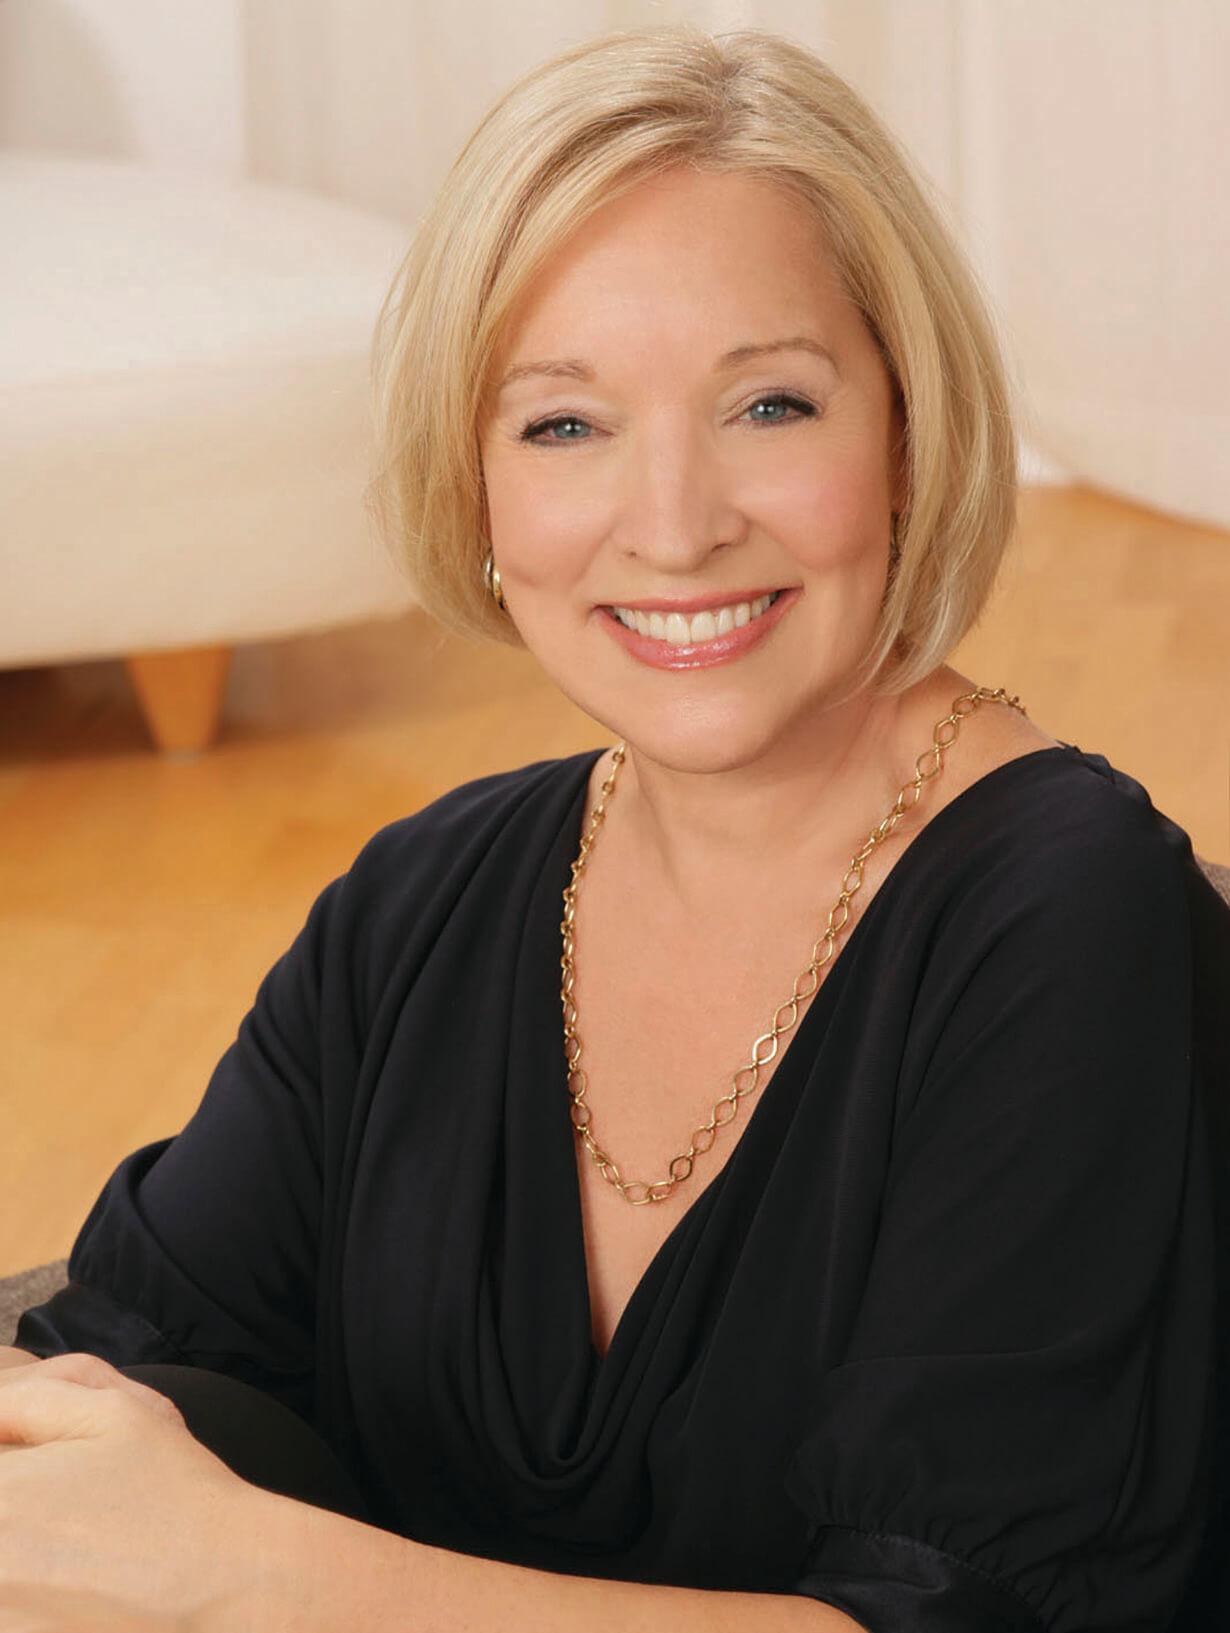 Dr.-Christine-Northrup-speaker